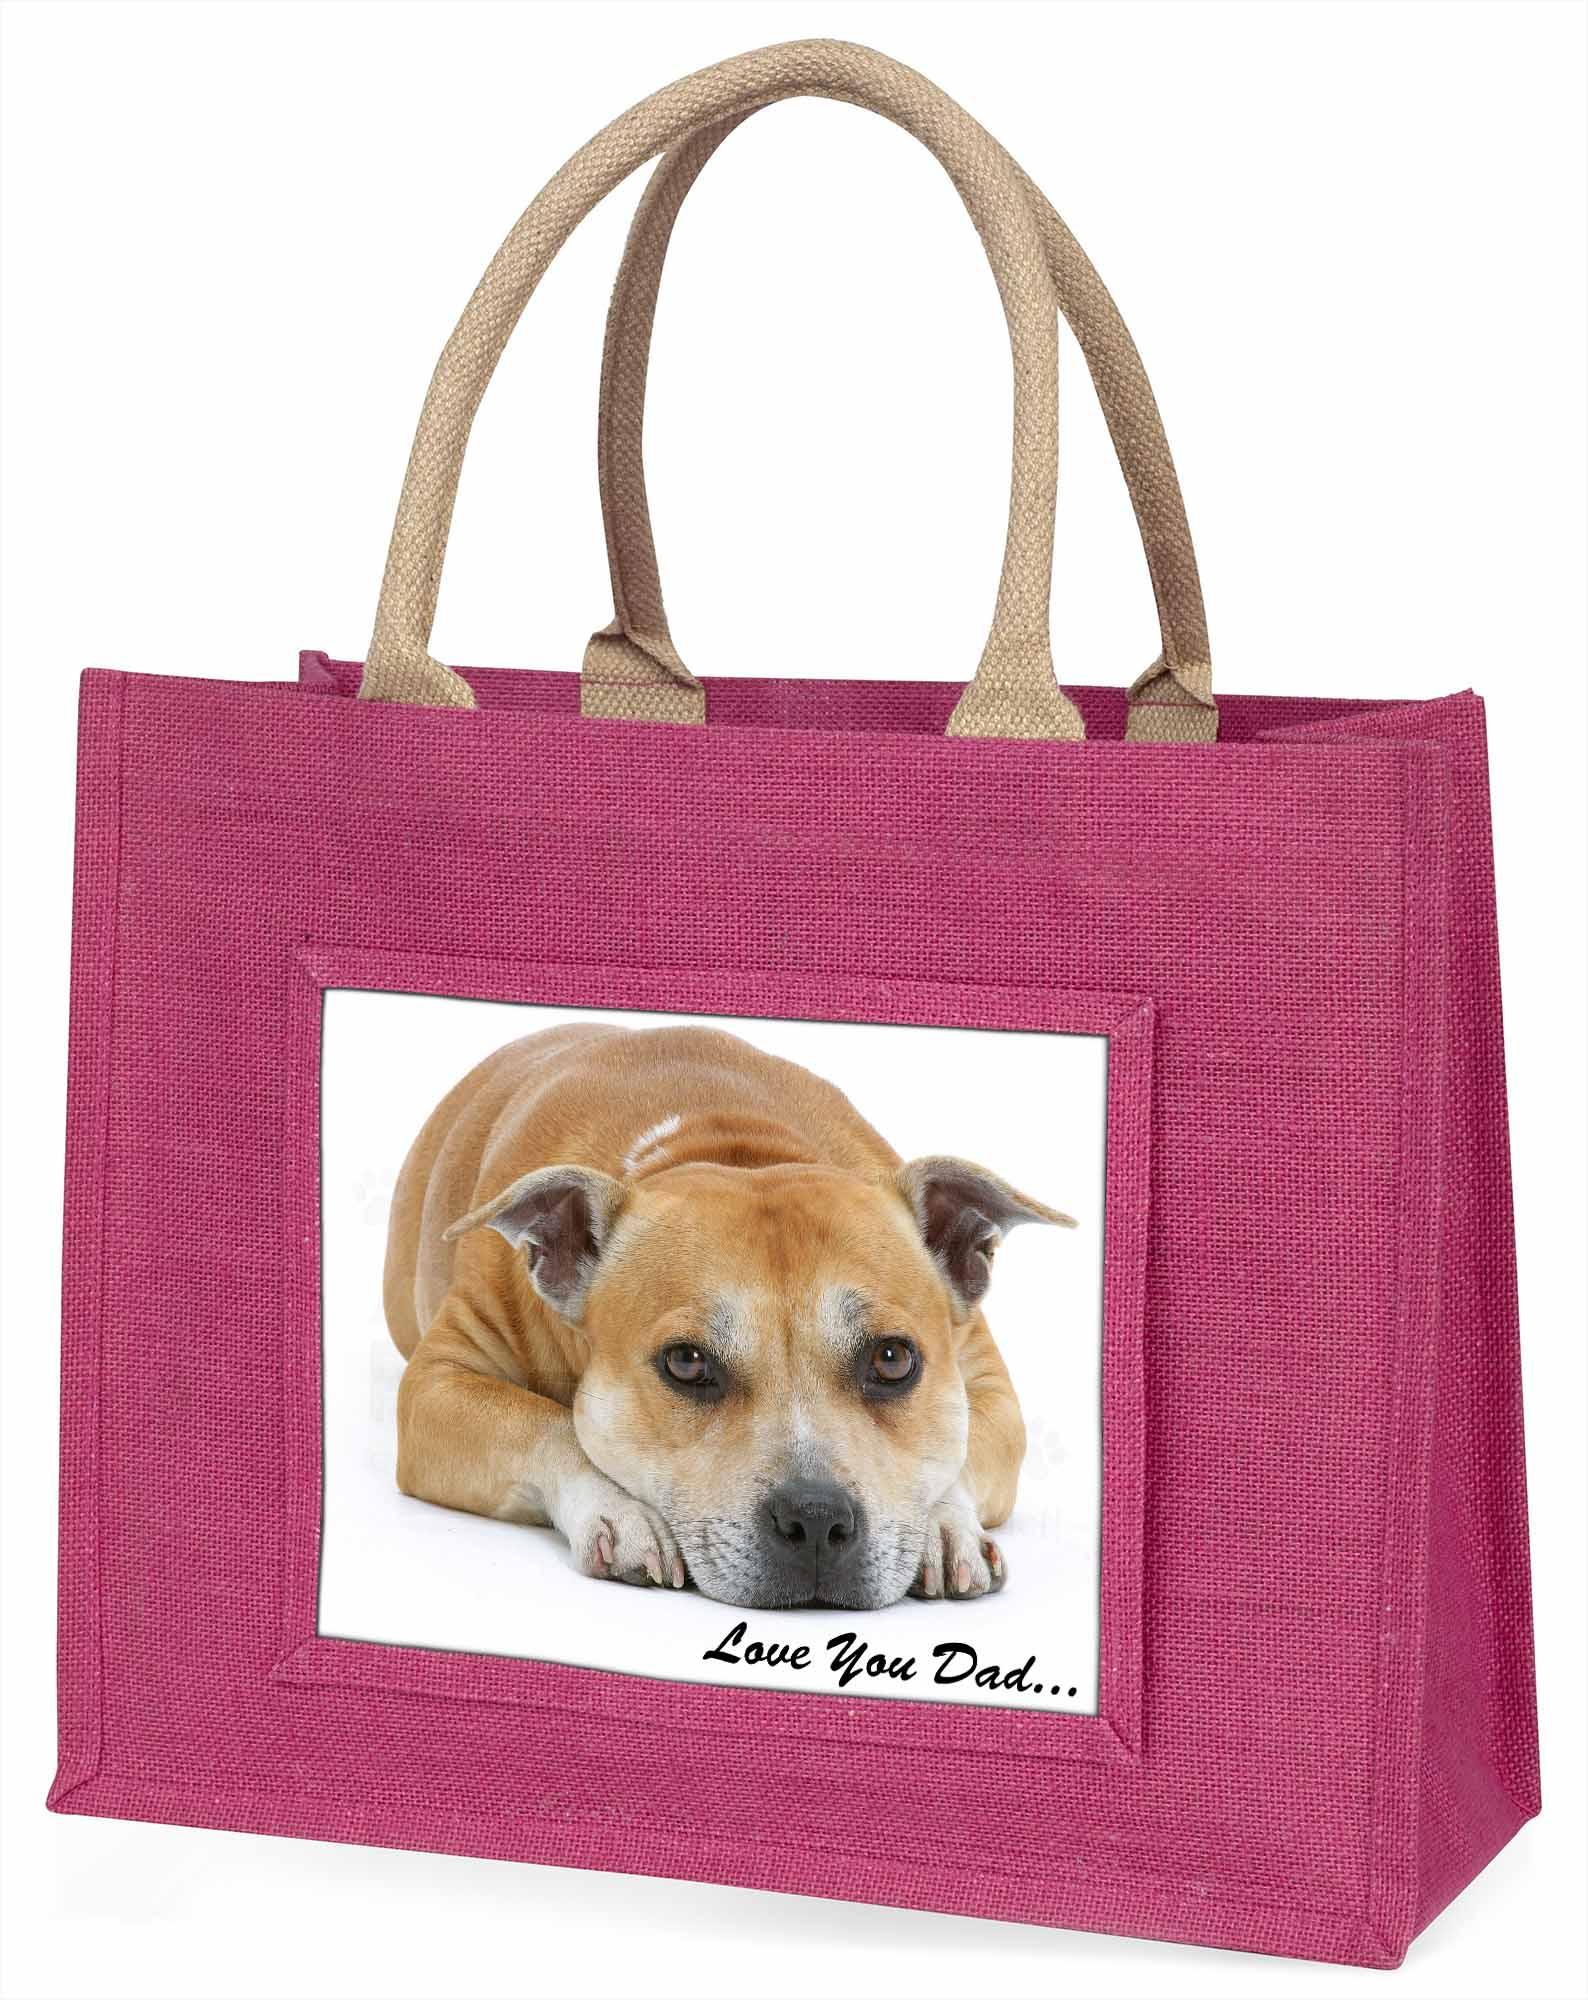 Staff Bull Terrier Hund' liebe Dich Papa' große rosa Einkaufstasche Weihnachten,